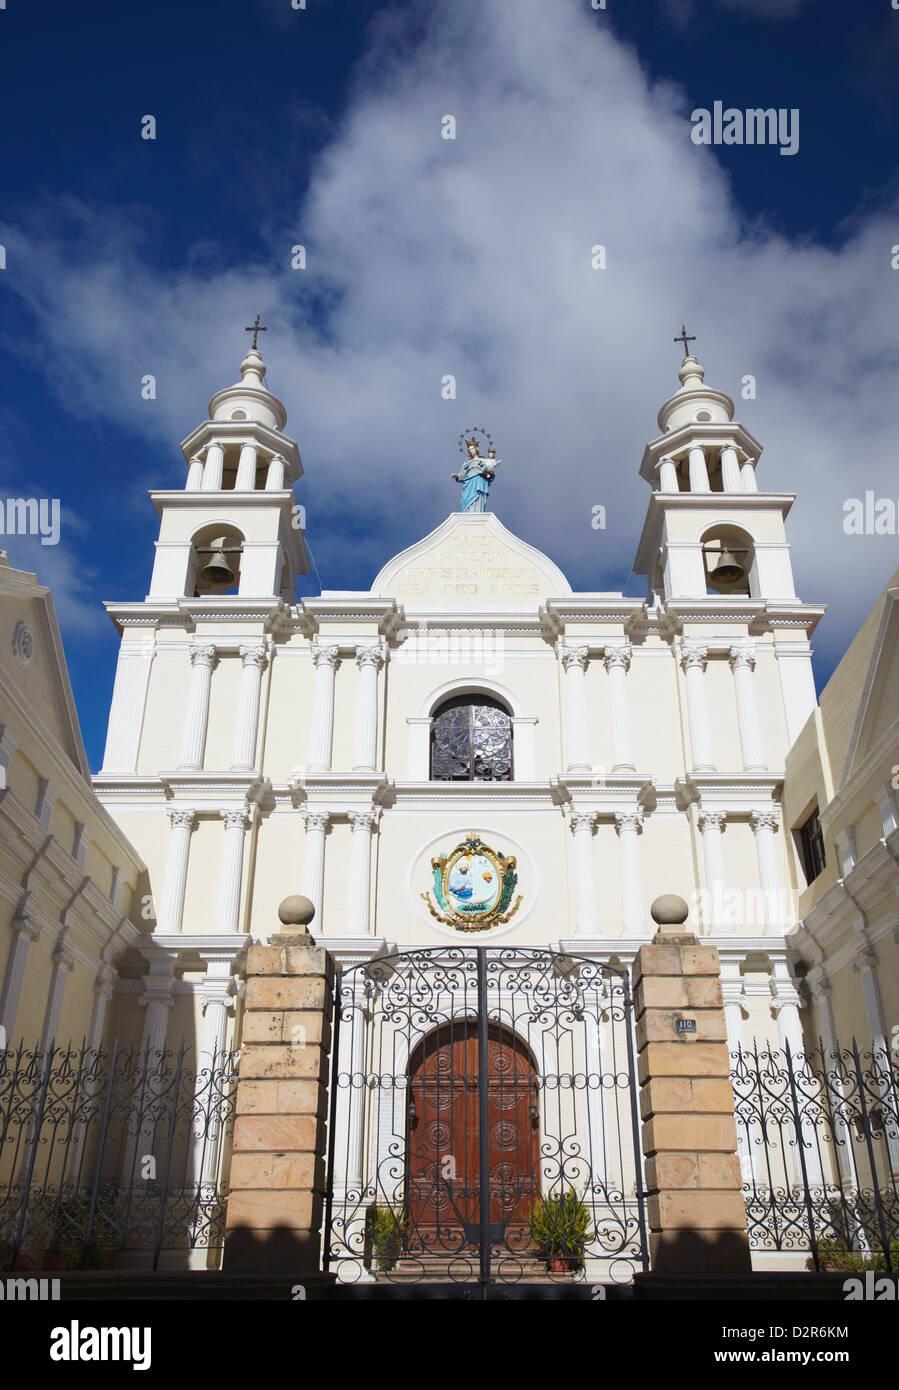 Eglise Maria Auxiliadora, Sucre, UNESCO World Heritage Site, Bolivie, Amérique du Sud Photo Stock